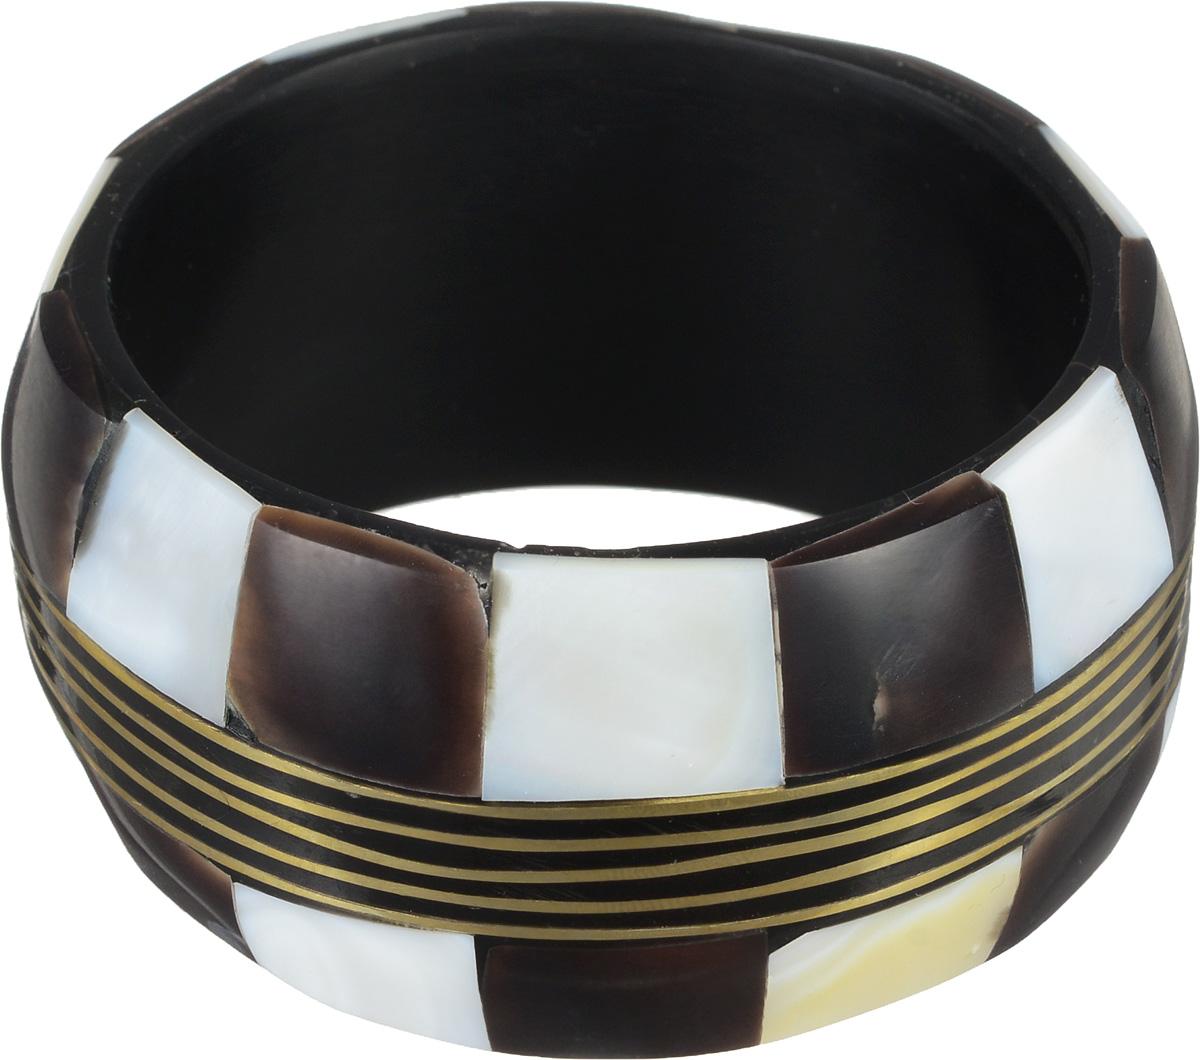 Браслет Mindora. 40050810Браслет с подвескамиОригинальный браслет Mindora выполнен из пальмового дерева и декорирован ракушкой. Такой браслет позволит вам с легкостью воплотить самую смелую фантазию и создать собственный, неповторимый образ. Характеристики:Материал: пальмовое дерево, ракушка. Диаметр браслета: 6 см. Ширина браслета: 4 см.